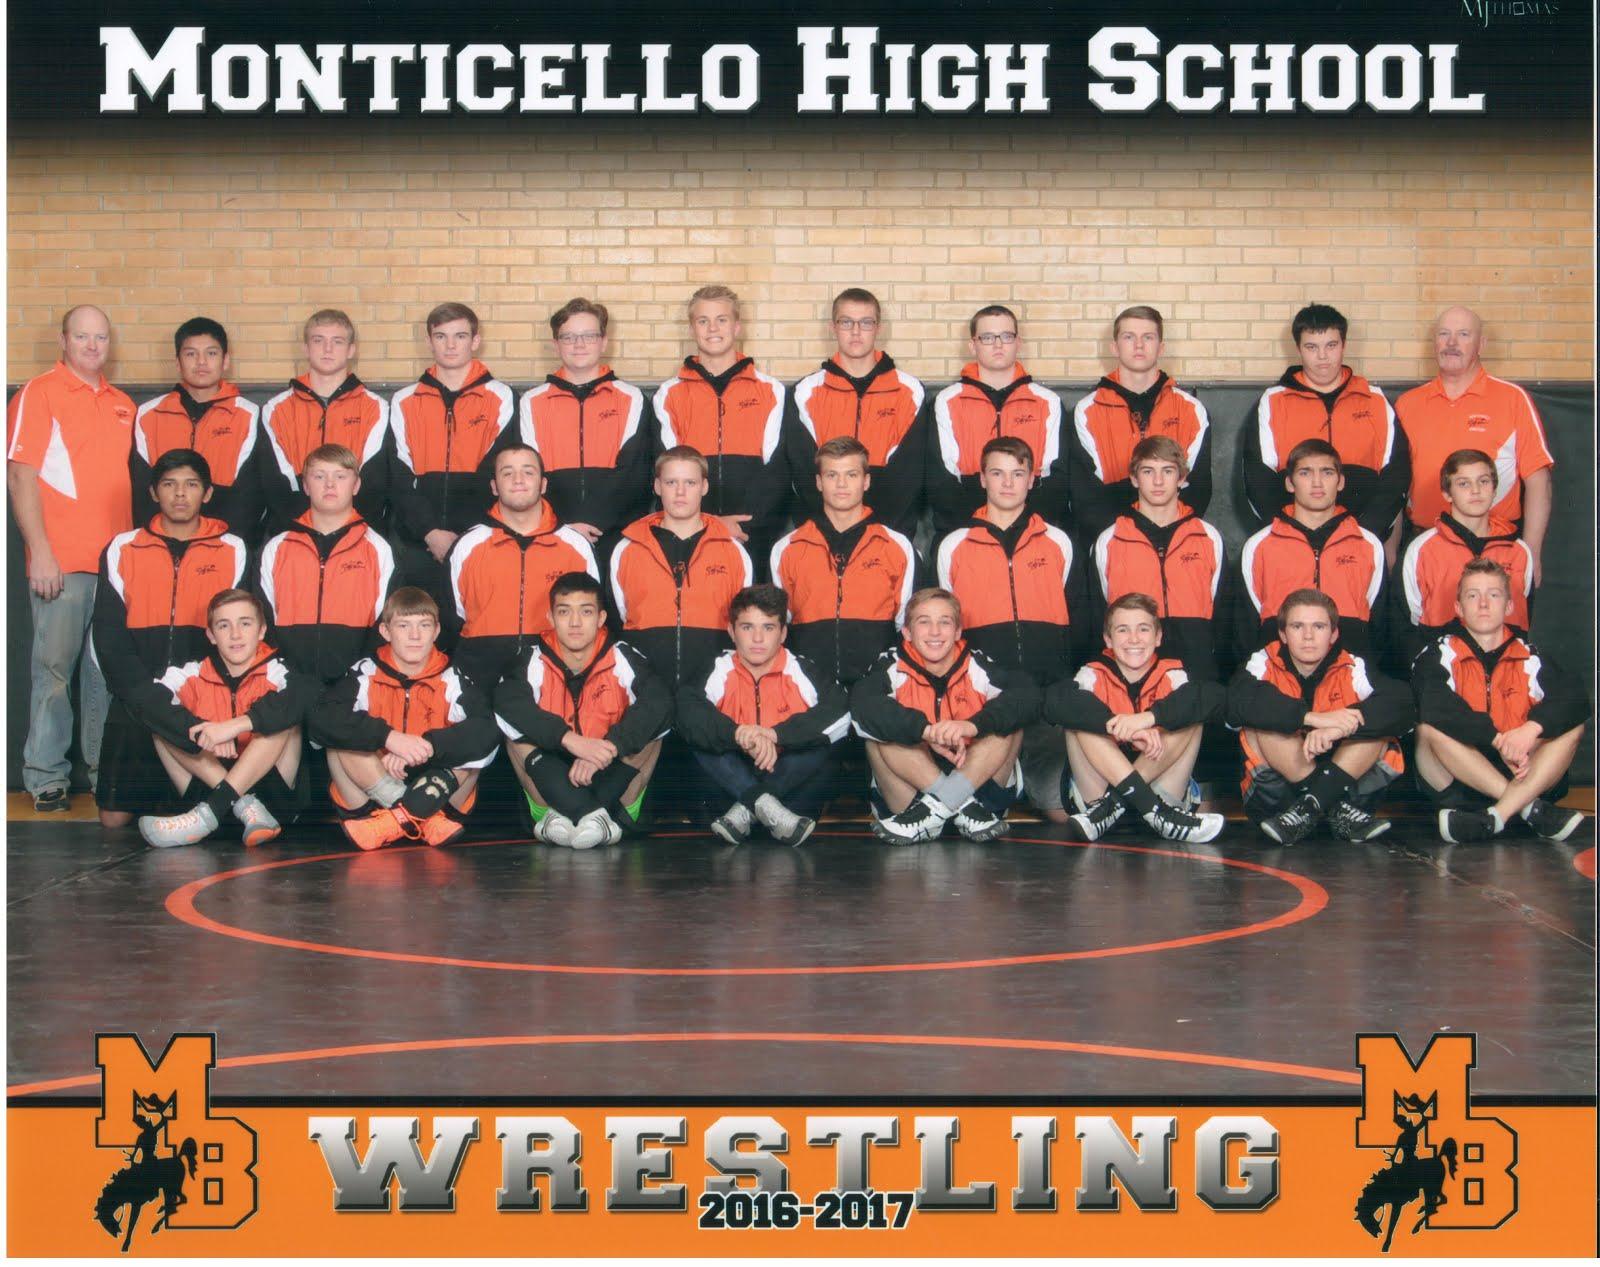 2016-17 Team Picture